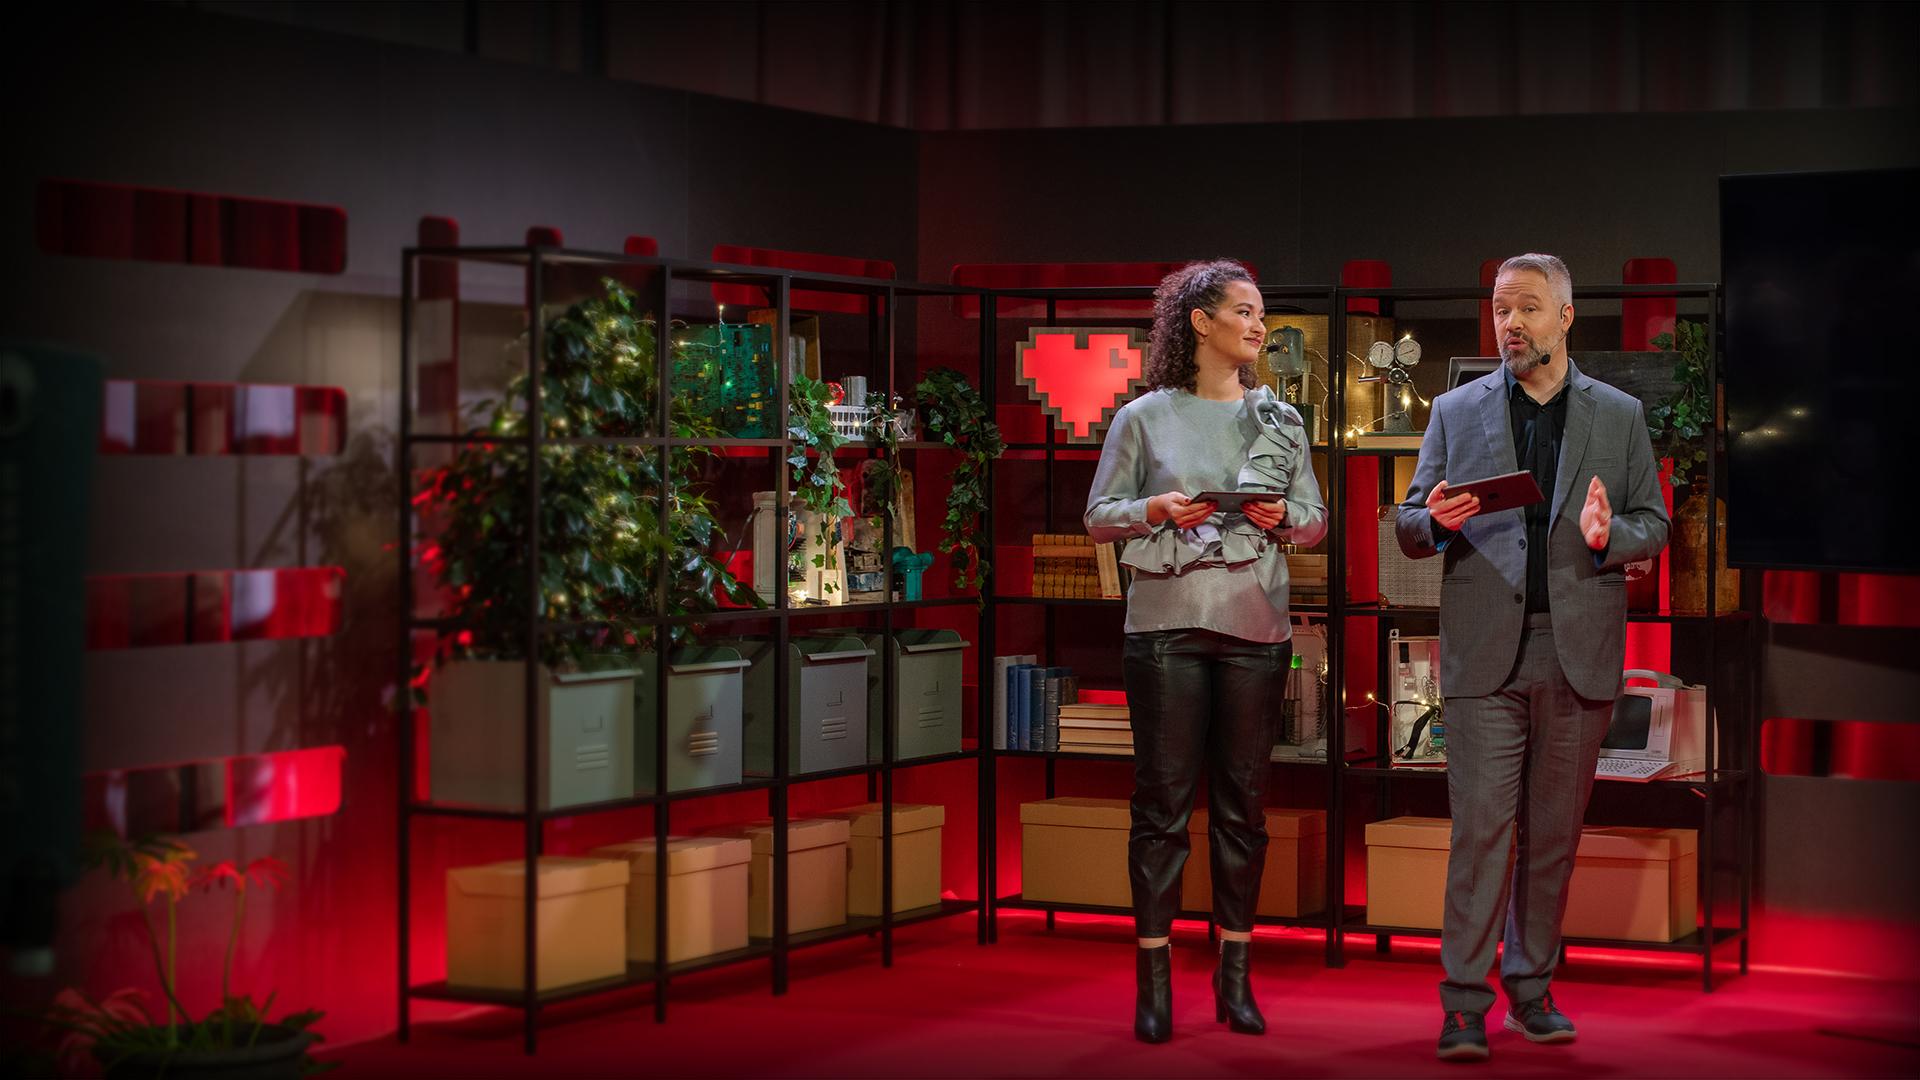 Aisha och Måns står på scenen och leder internetdagarna